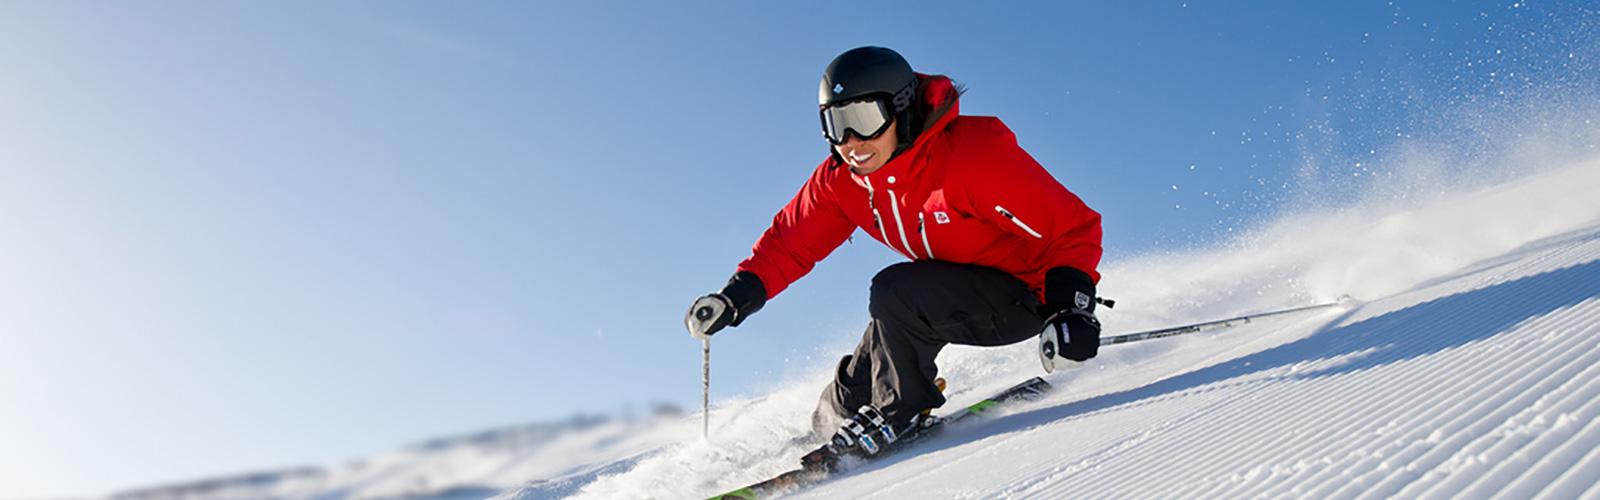 Seguro de esquí online